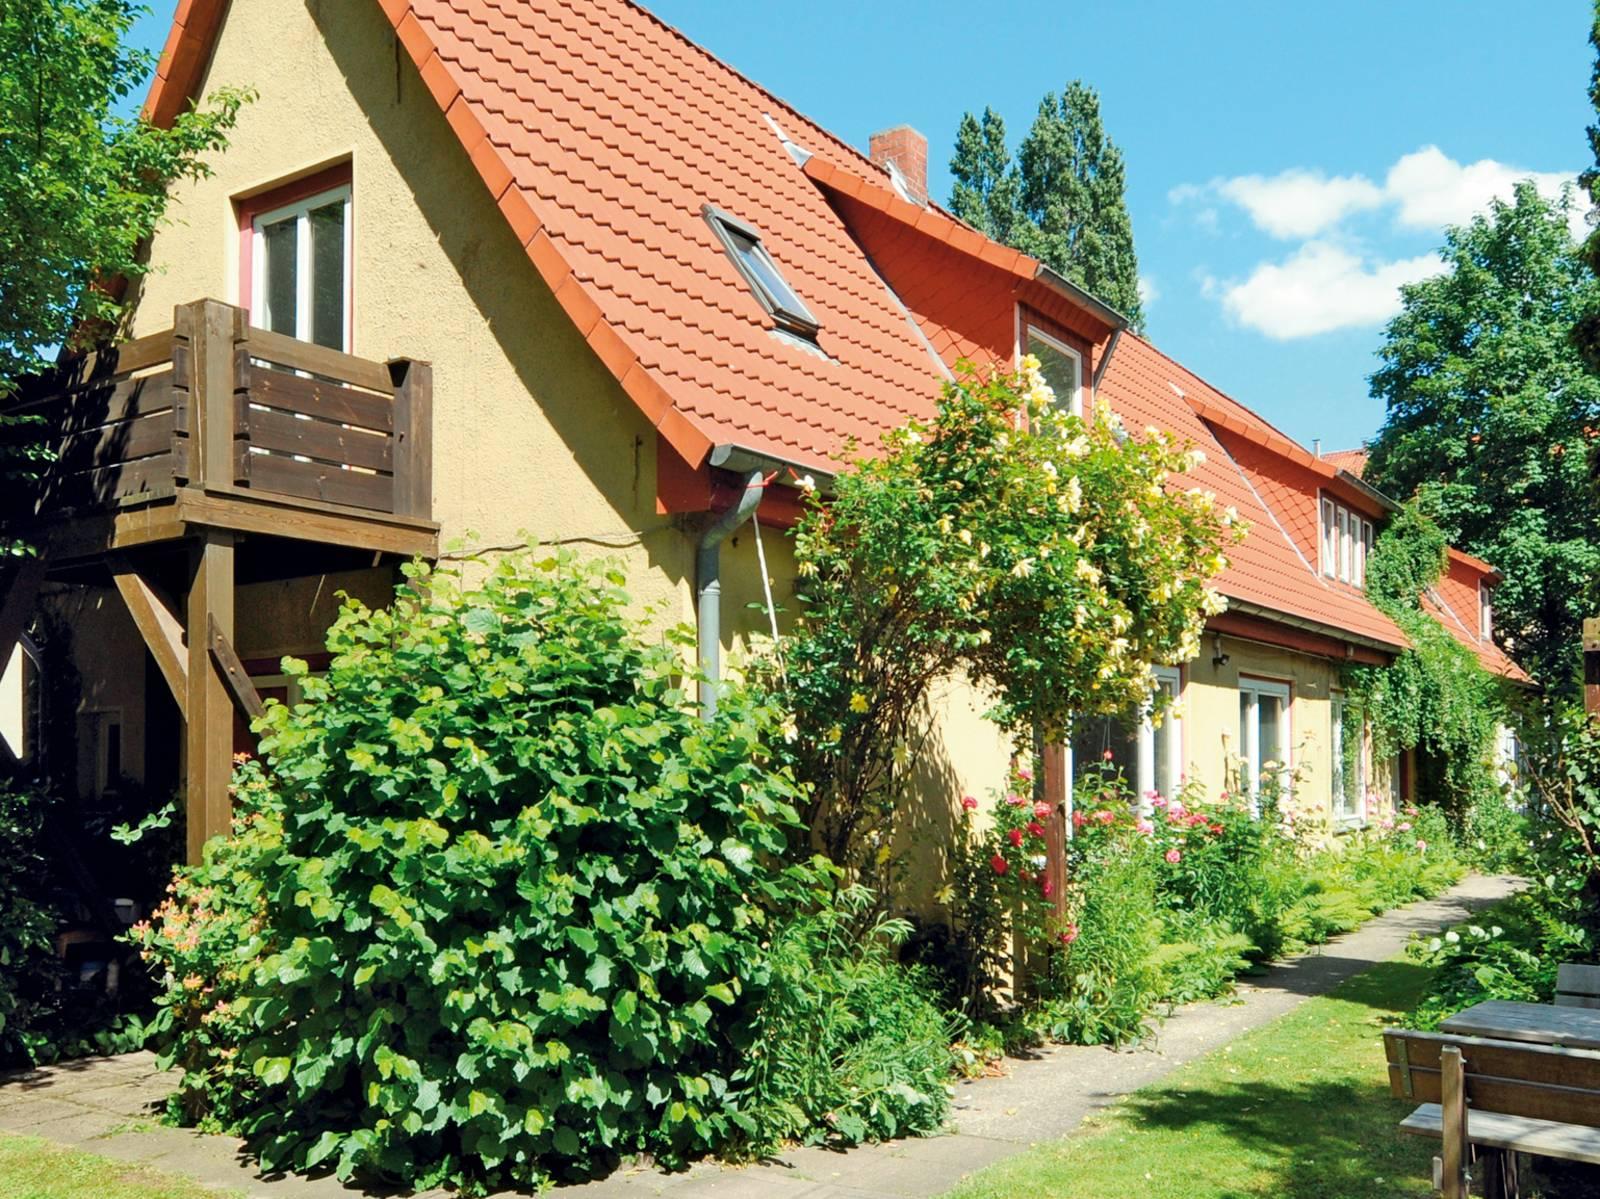 Haus mit Holzbalkon, umgeben von Bäumen und Büschen.